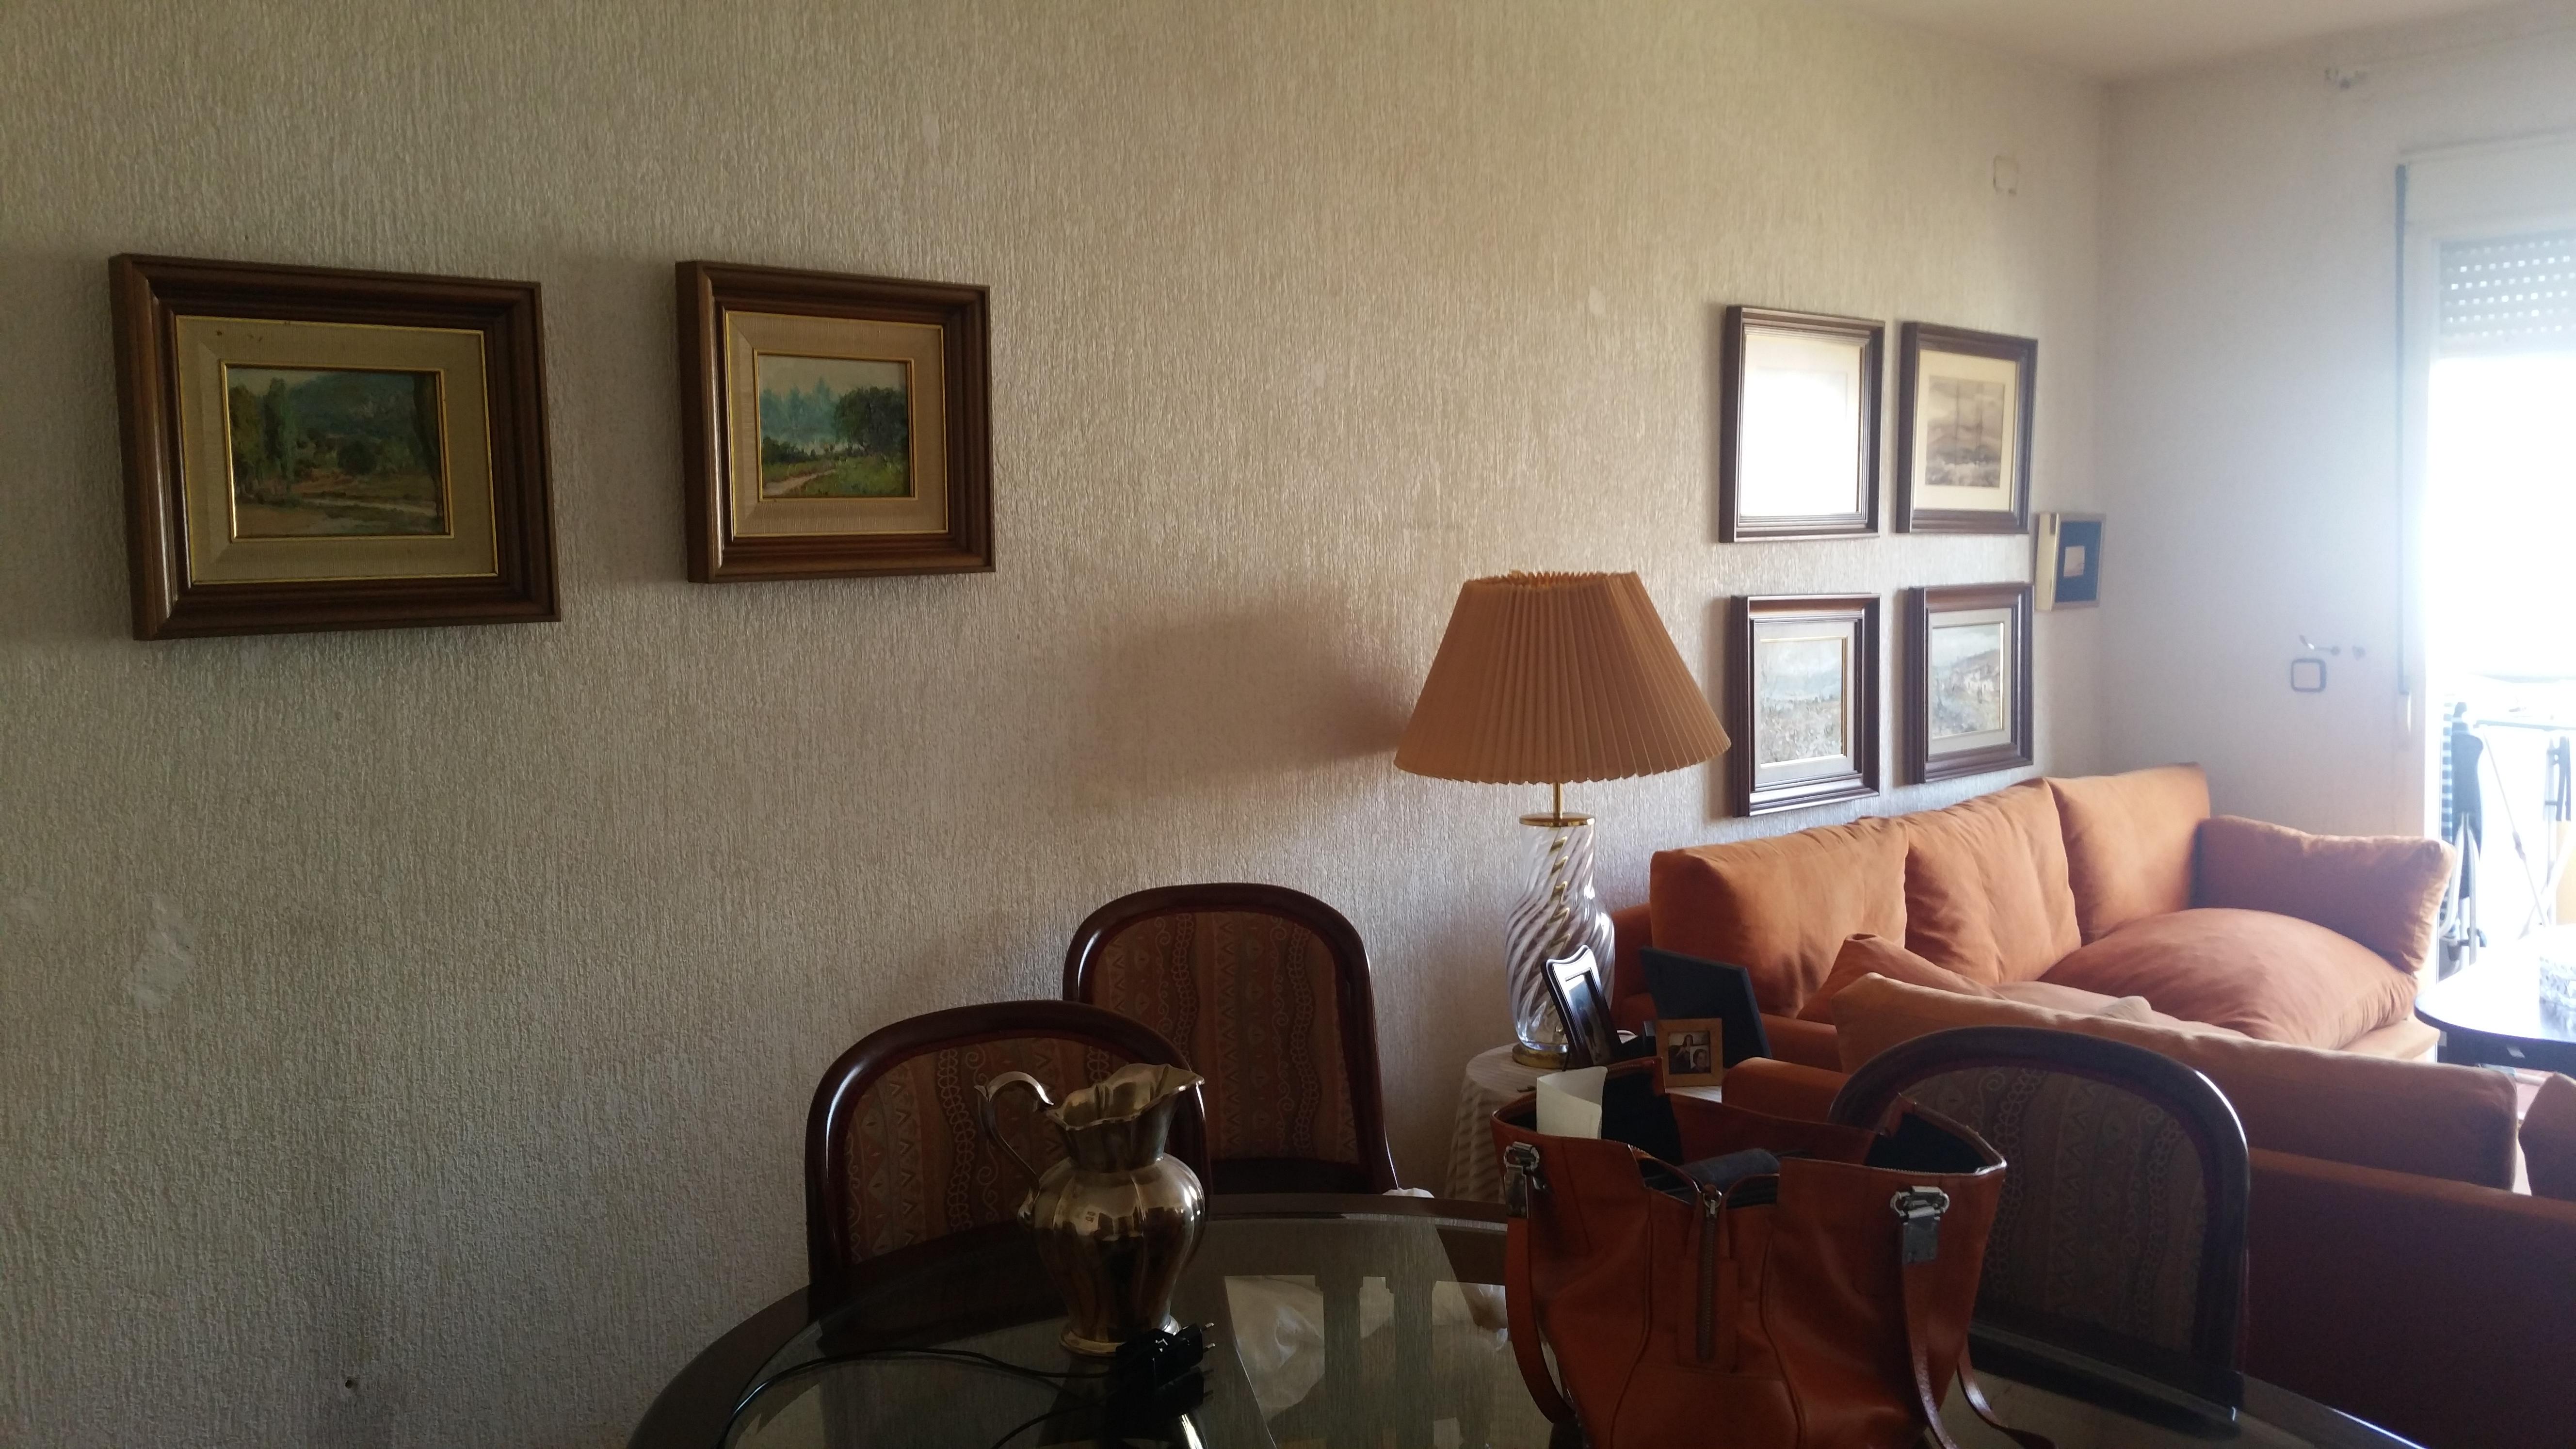 Decoradores en sevilla piso con mucho glamour en estepa for Decoradores de interiores en bilbao